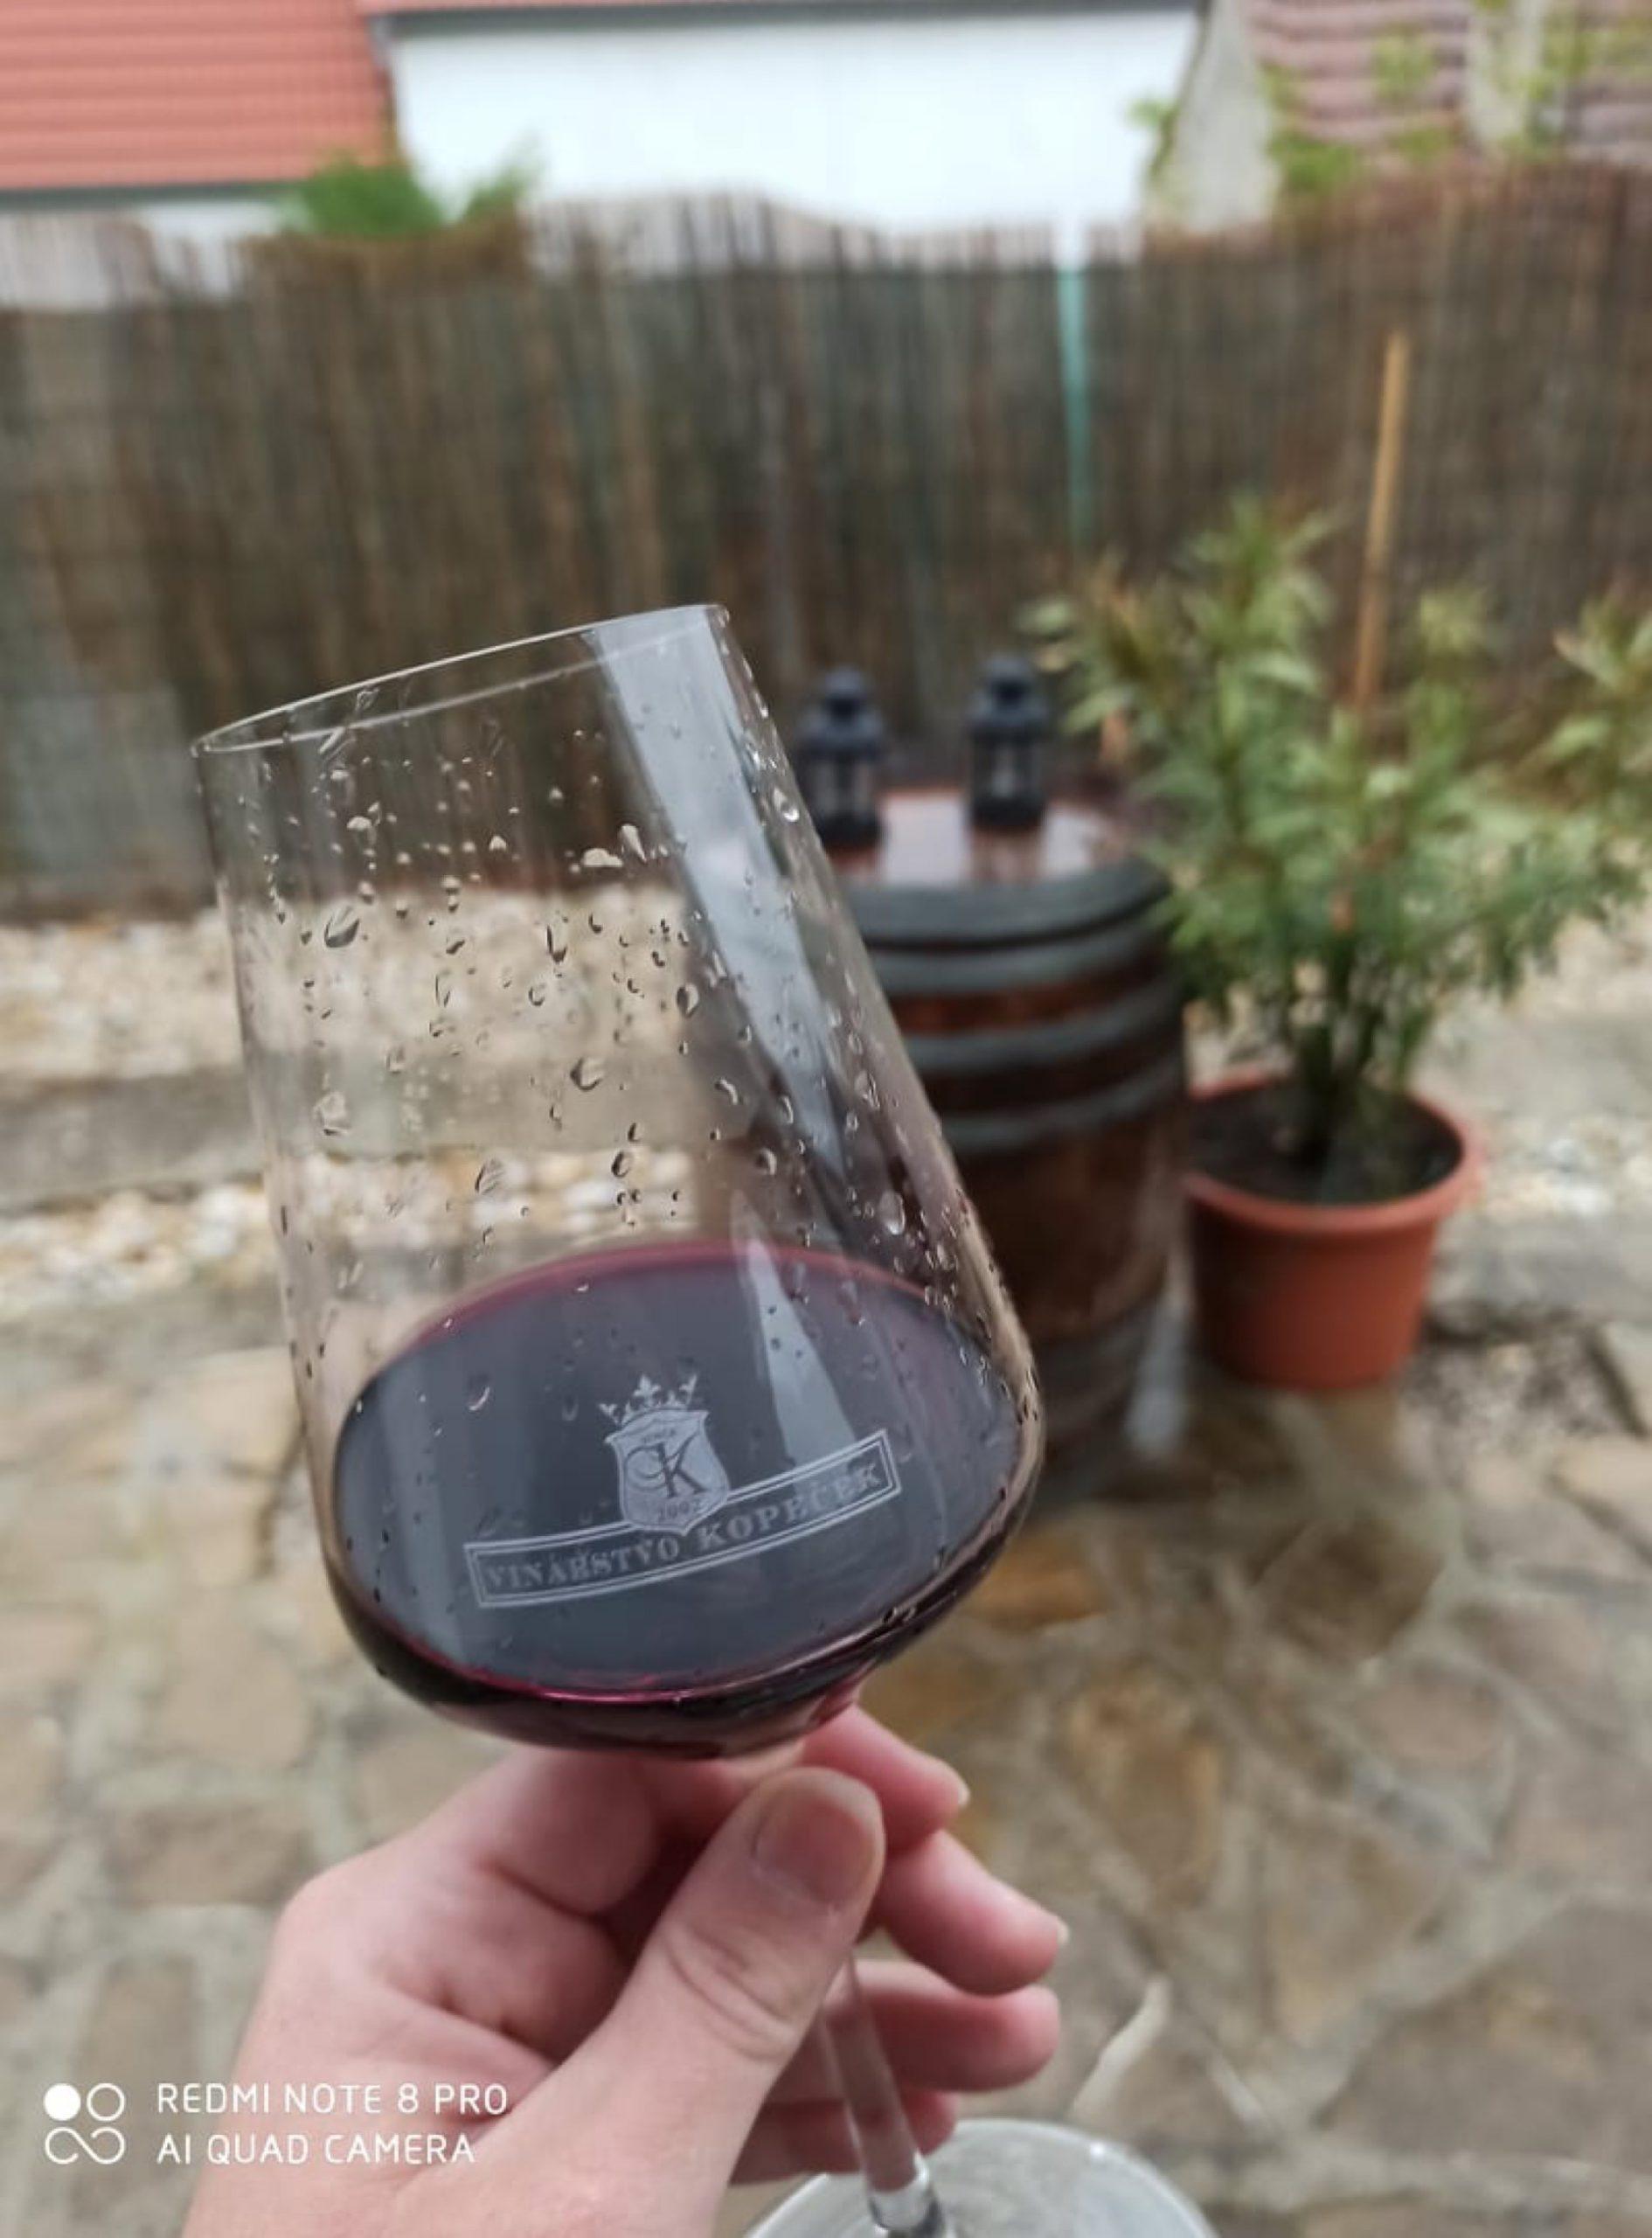 vinarstvo5_Vinarstvo Kopecek